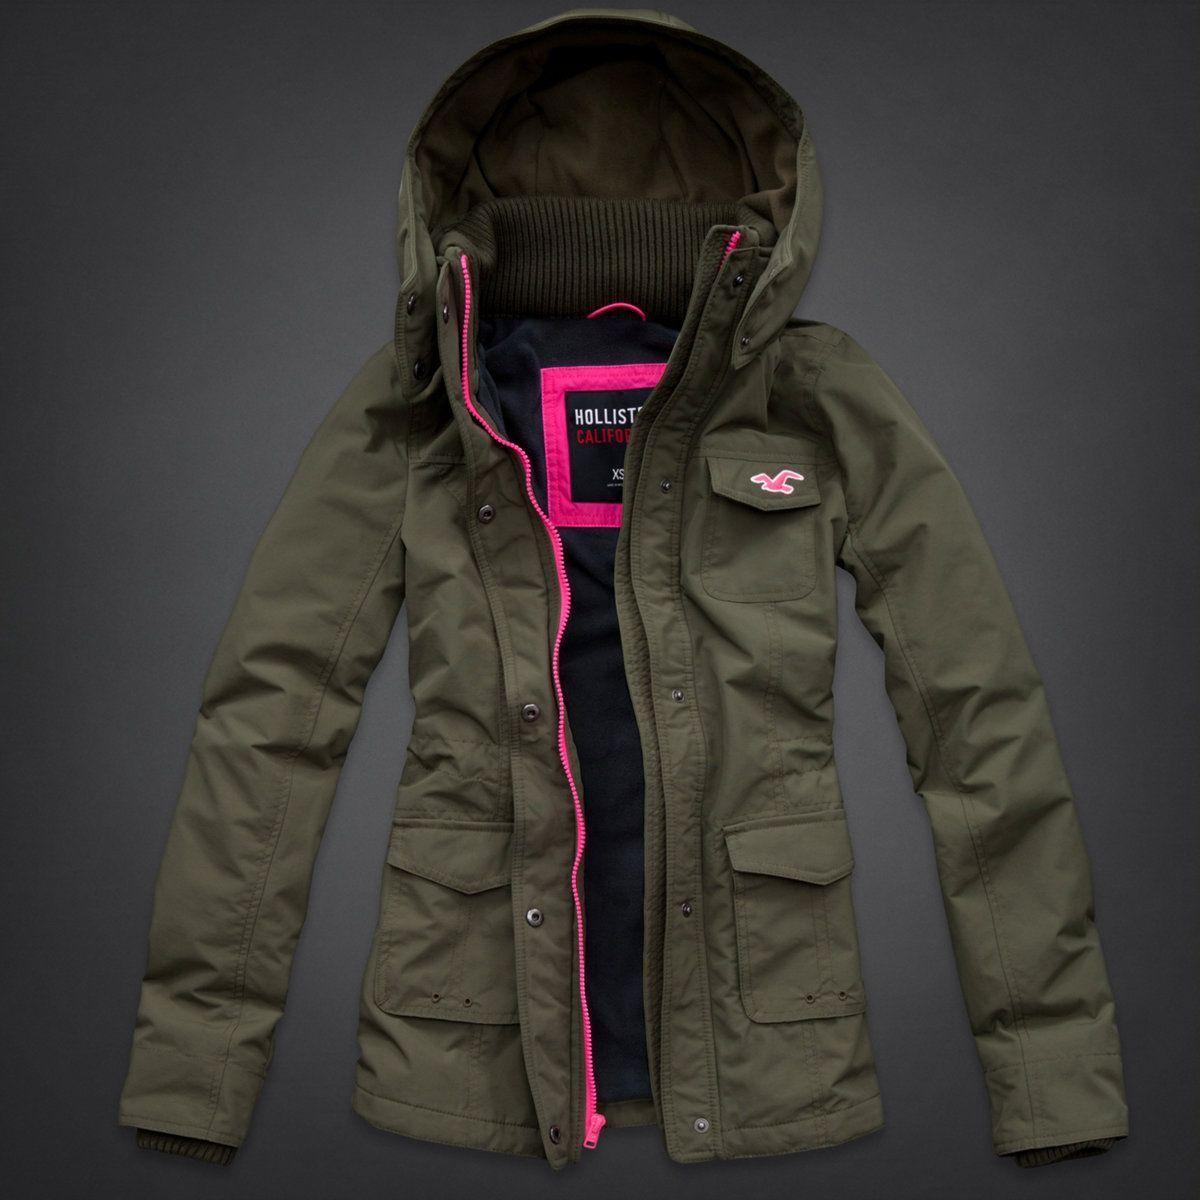 prix raisonnable la vente de chaussures livraison gratuite Hollister All-Weather Jacket. The PERFECT olive jacket I've ...